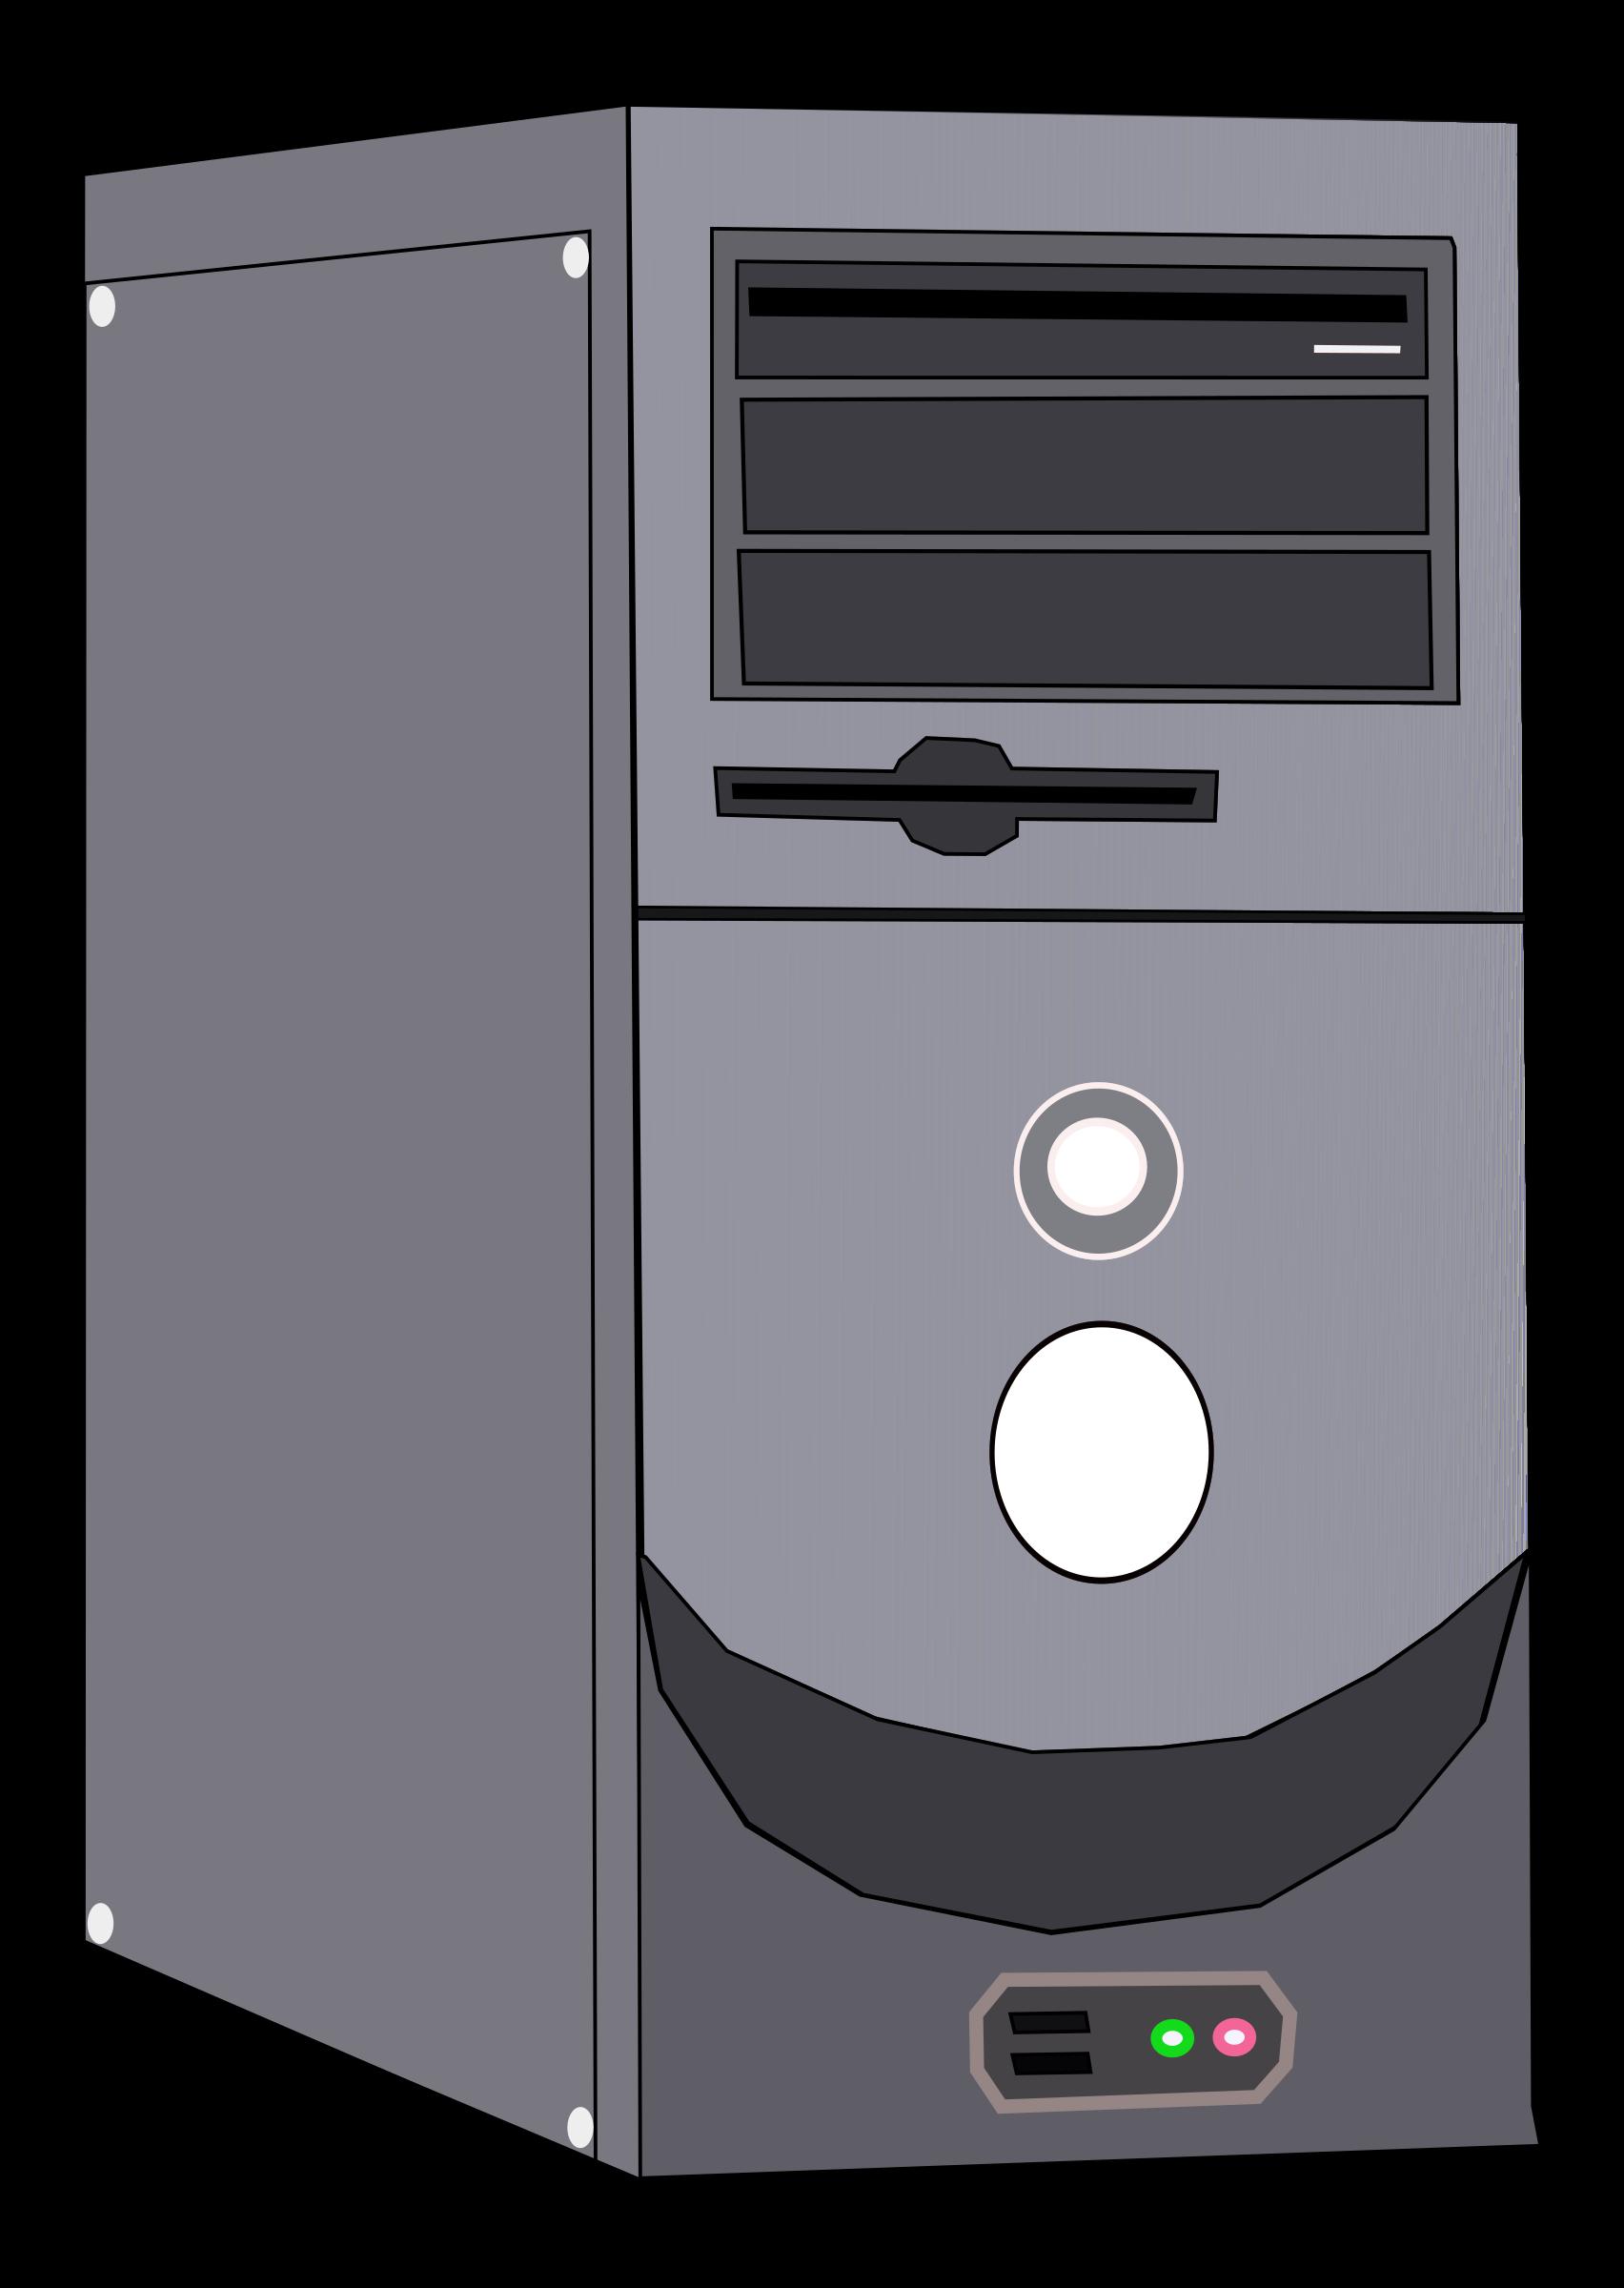 Computer clip art computer component. Clipart system case big